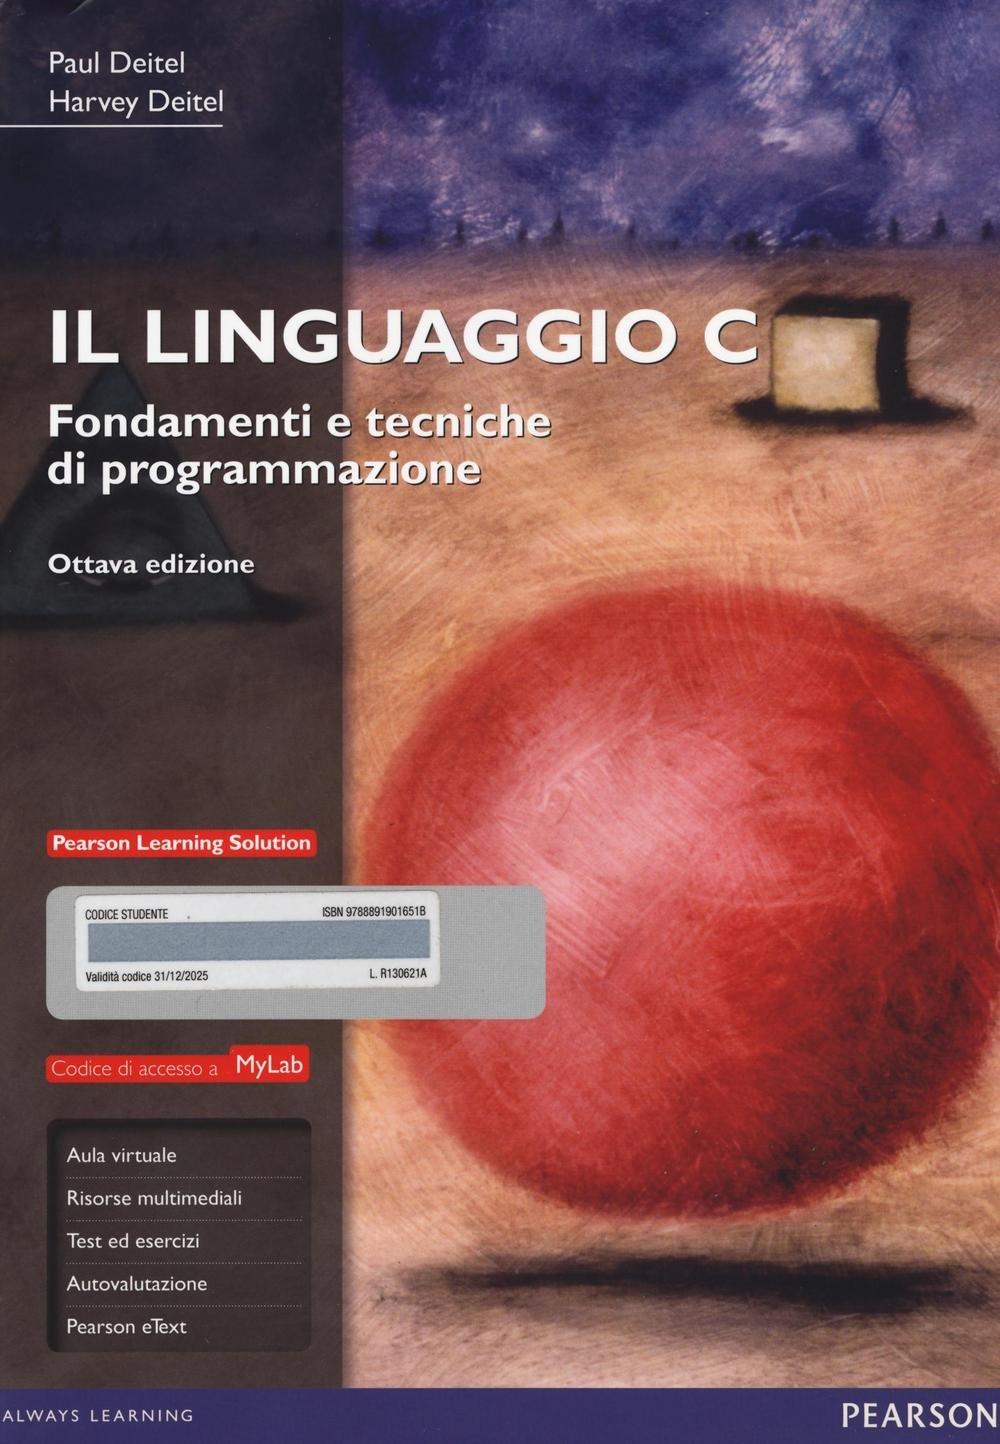 Il linguaggio C. Fondamenti e tecniche di programmazione. Ediz. mylab. Con espansione online Copertina flessibile – 8 ago 2016 Paul J. Deitel Harvey M. Deitel G. Maselli Pearson